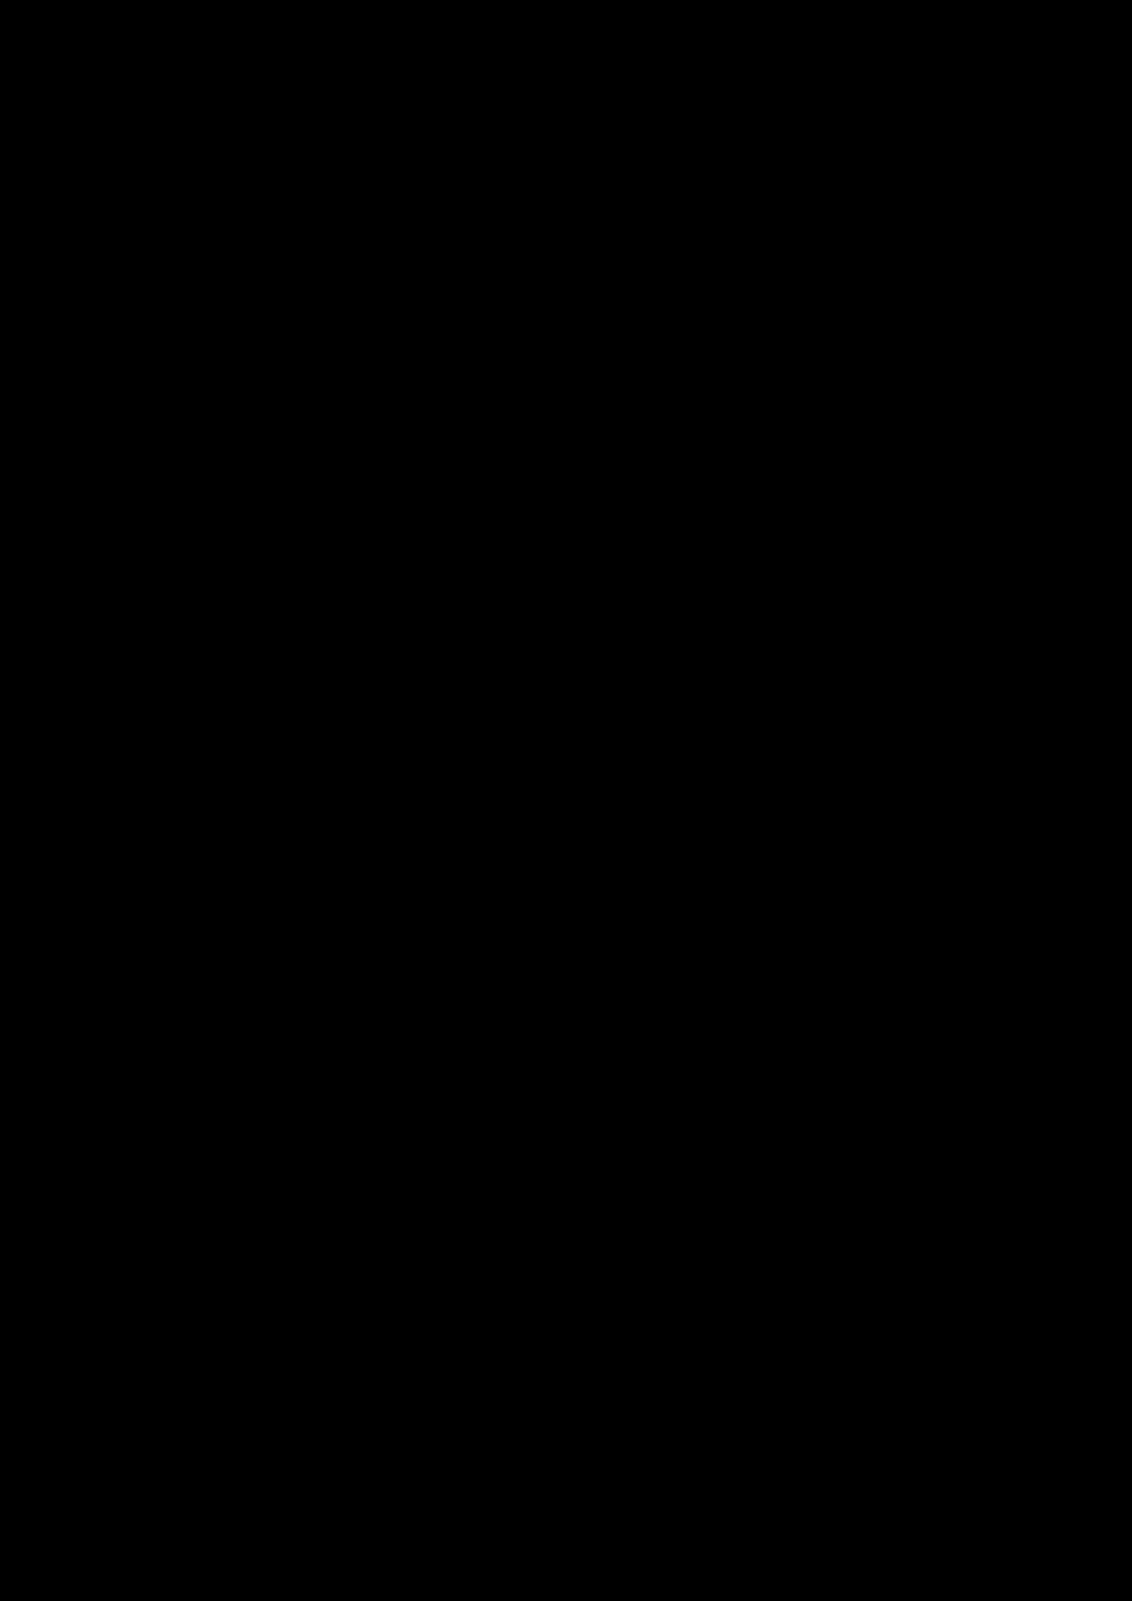 Serdtse slide, Image 49